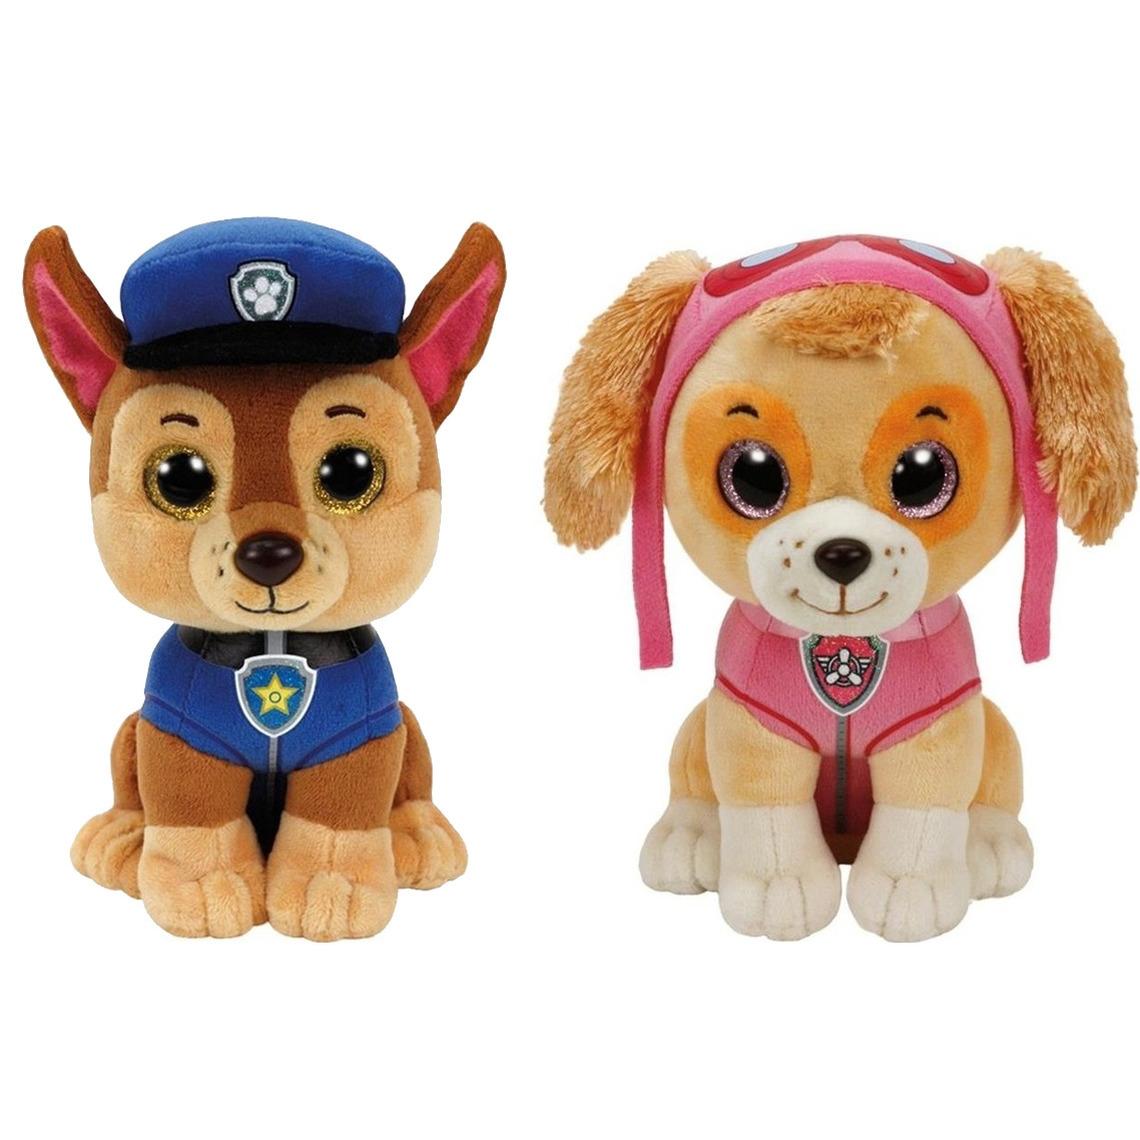 Paw Patrol knuffels set van 2x karakters Chase en Skye 15 cm